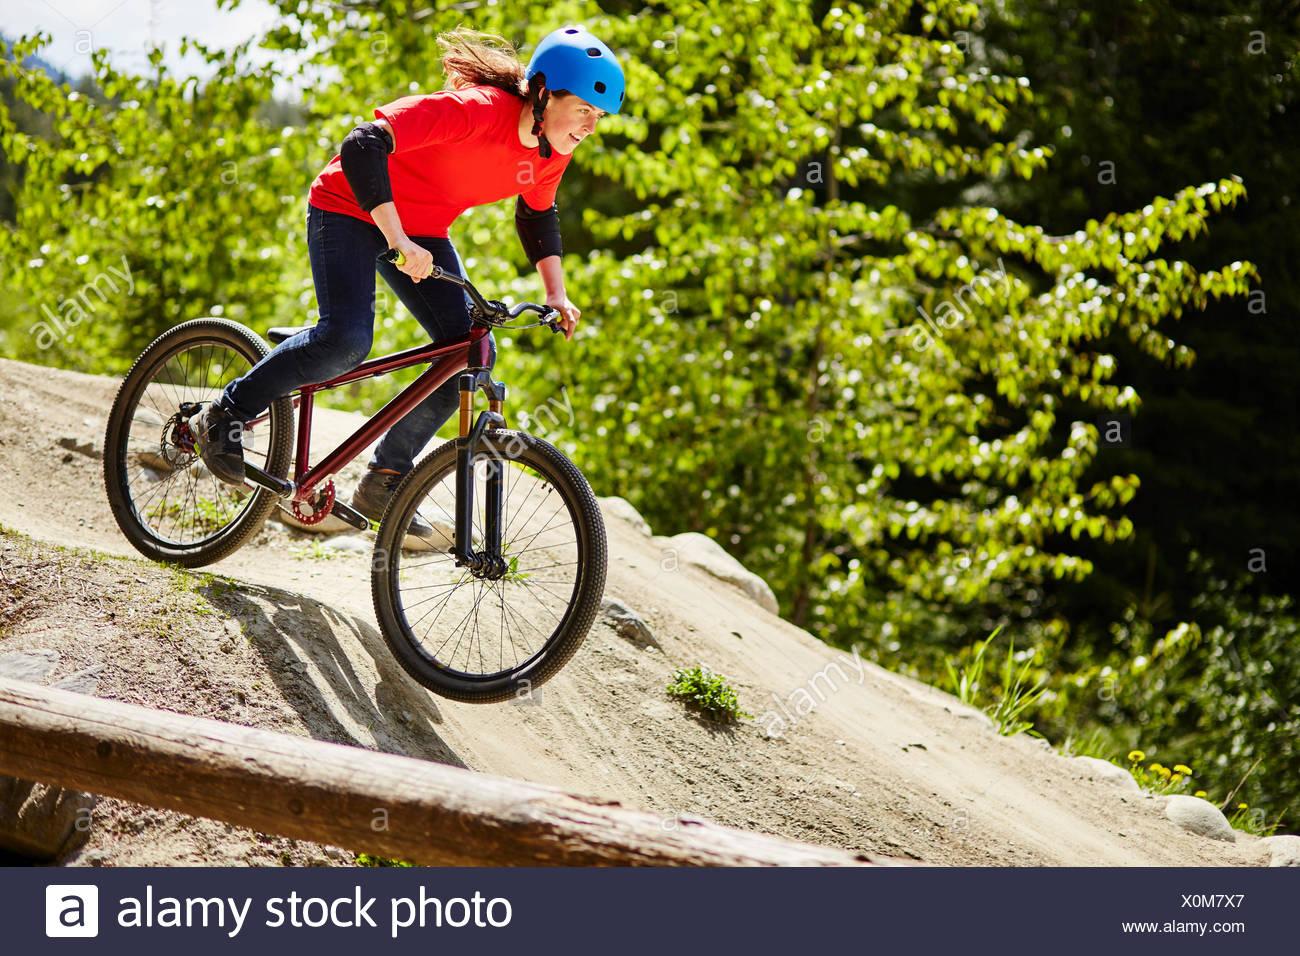 Junge weibliche bmx-Biker Beschleunigung nach unten Felsen im Wald Stockbild